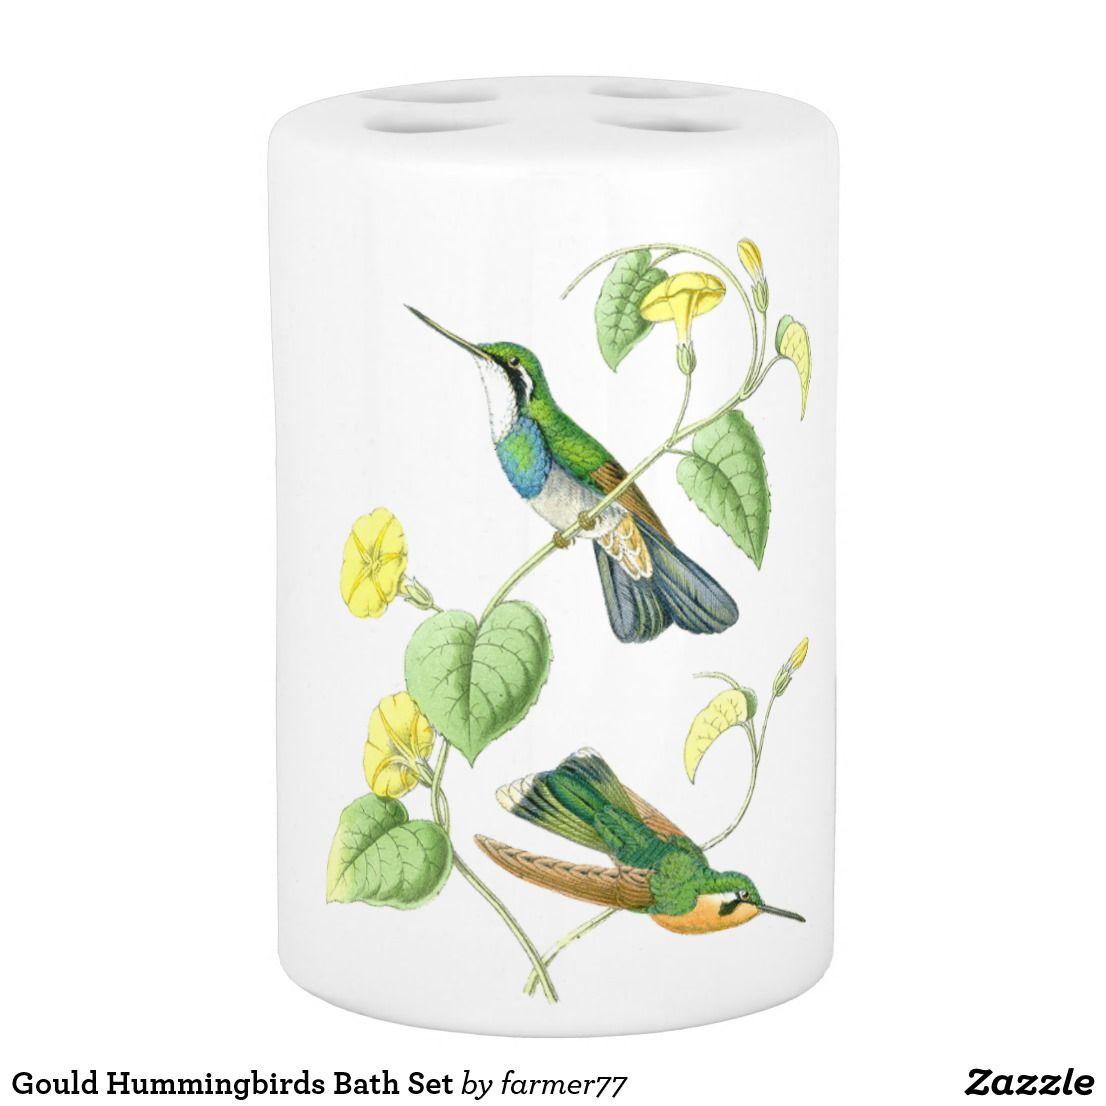 Gould Hummingbirds Bath Set